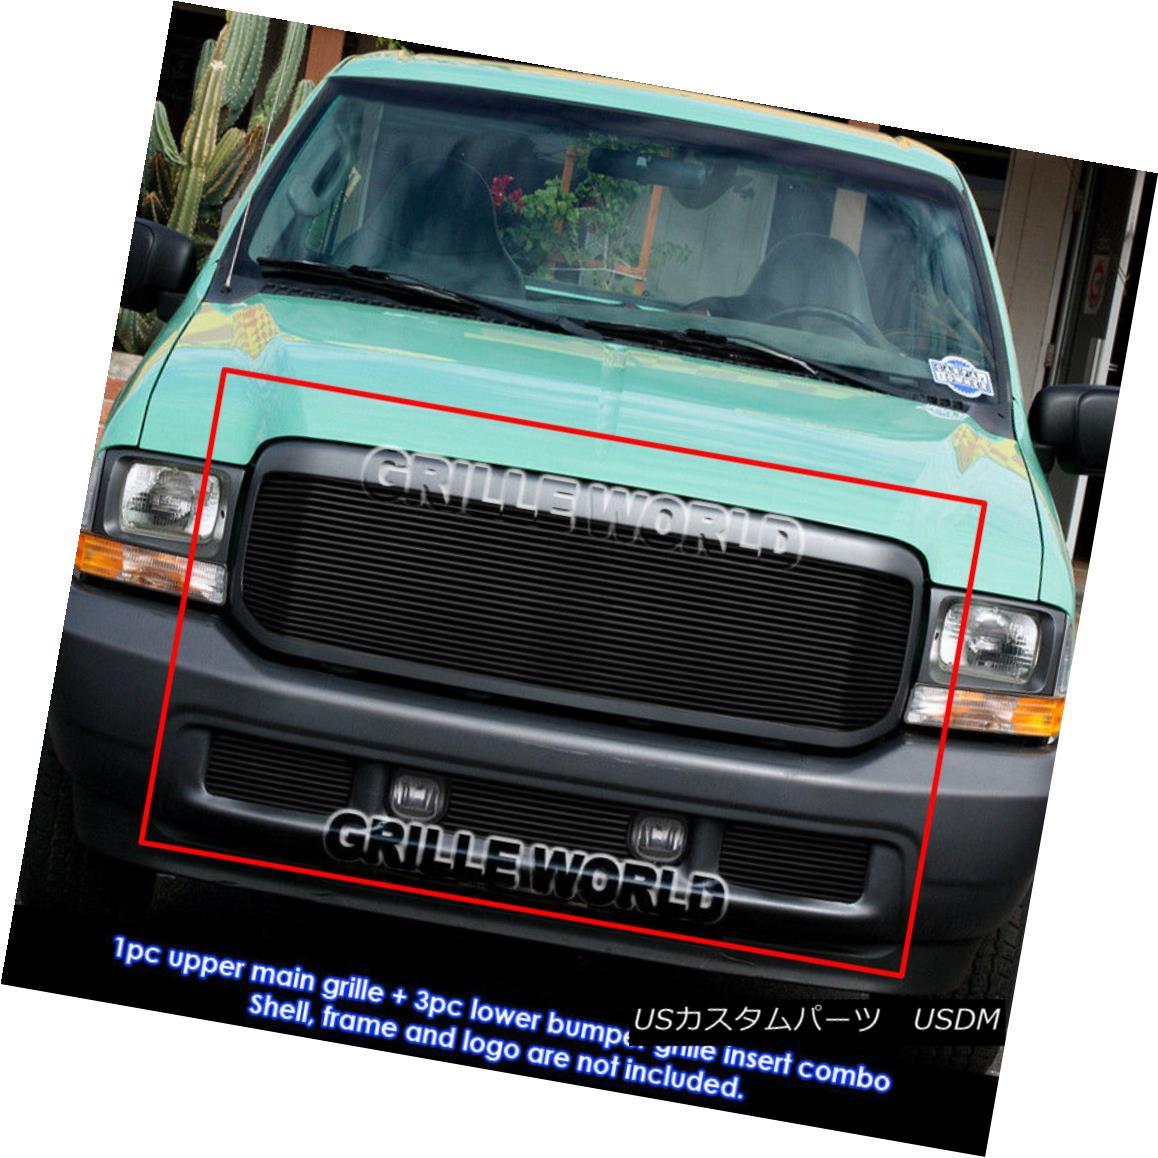 グリル For 99-04 Ford F-250/F-350 Super Duty Black Billet Grille Grill Combo Insert 99-04フォードF-250 / F-350スーパーデューティブラックビレットグリルグリルコンボインサート用